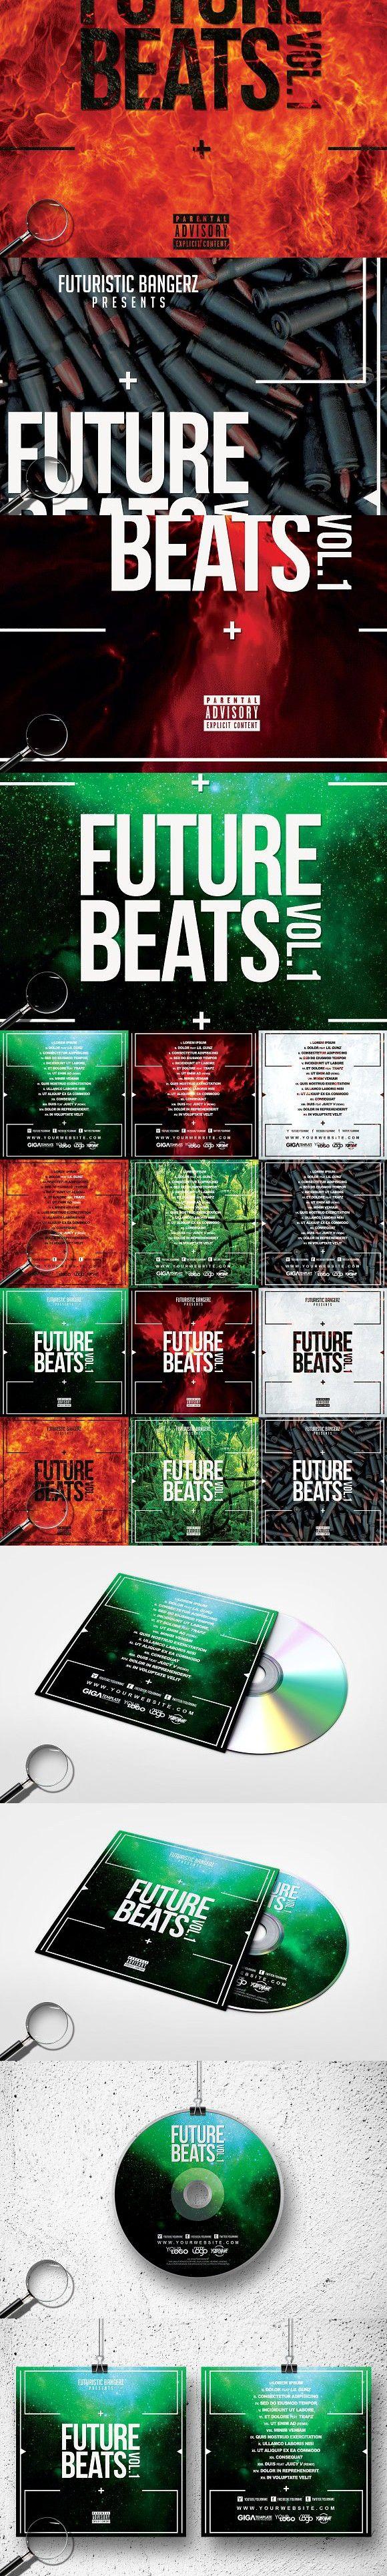 Future Beats 6in1 Cover Template Studio Graphic Design